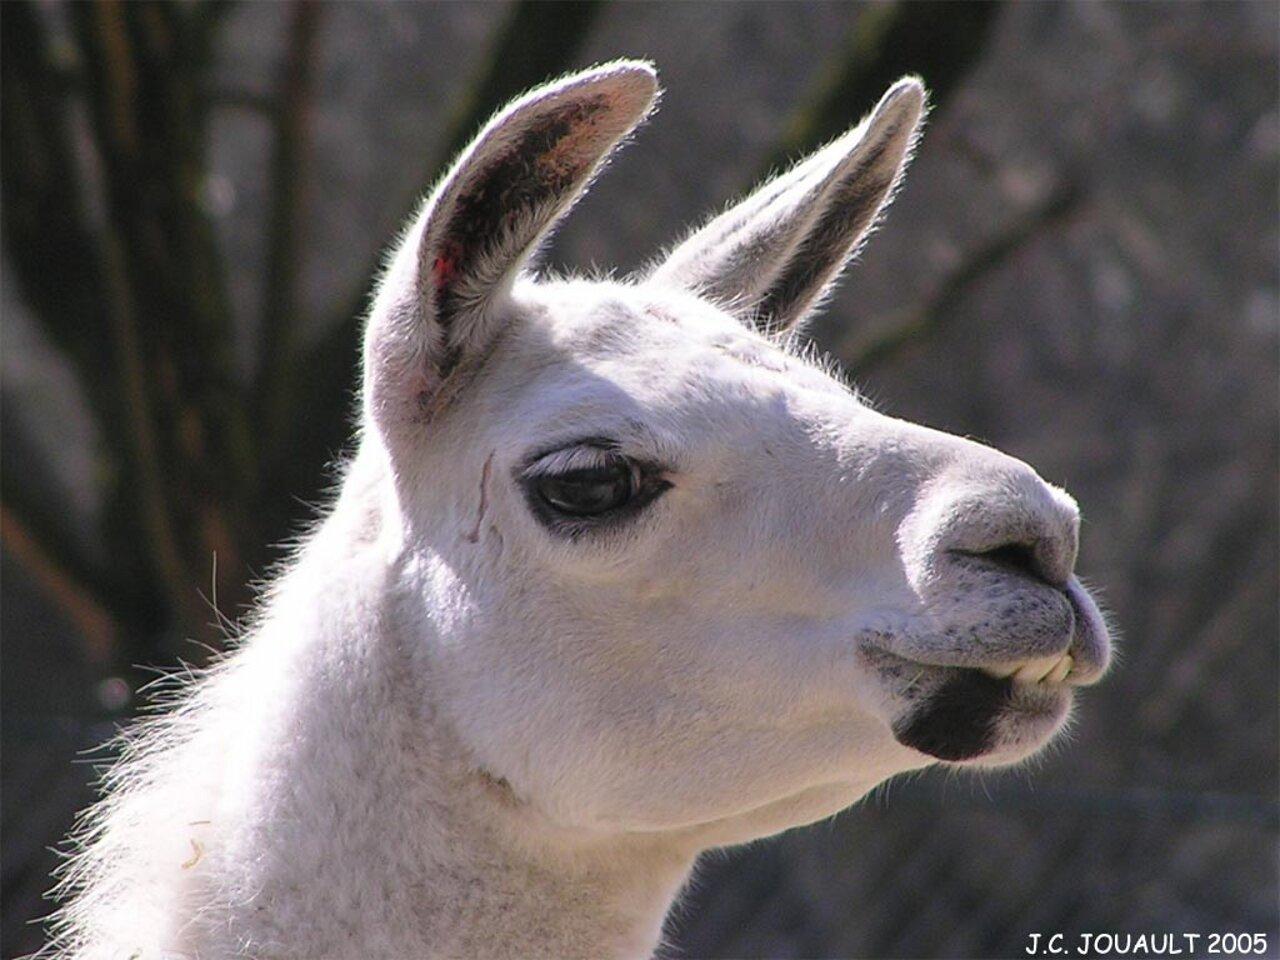 Llama wallpapers   Alpacas and Llamas Wallpaper 28337716 1280x960